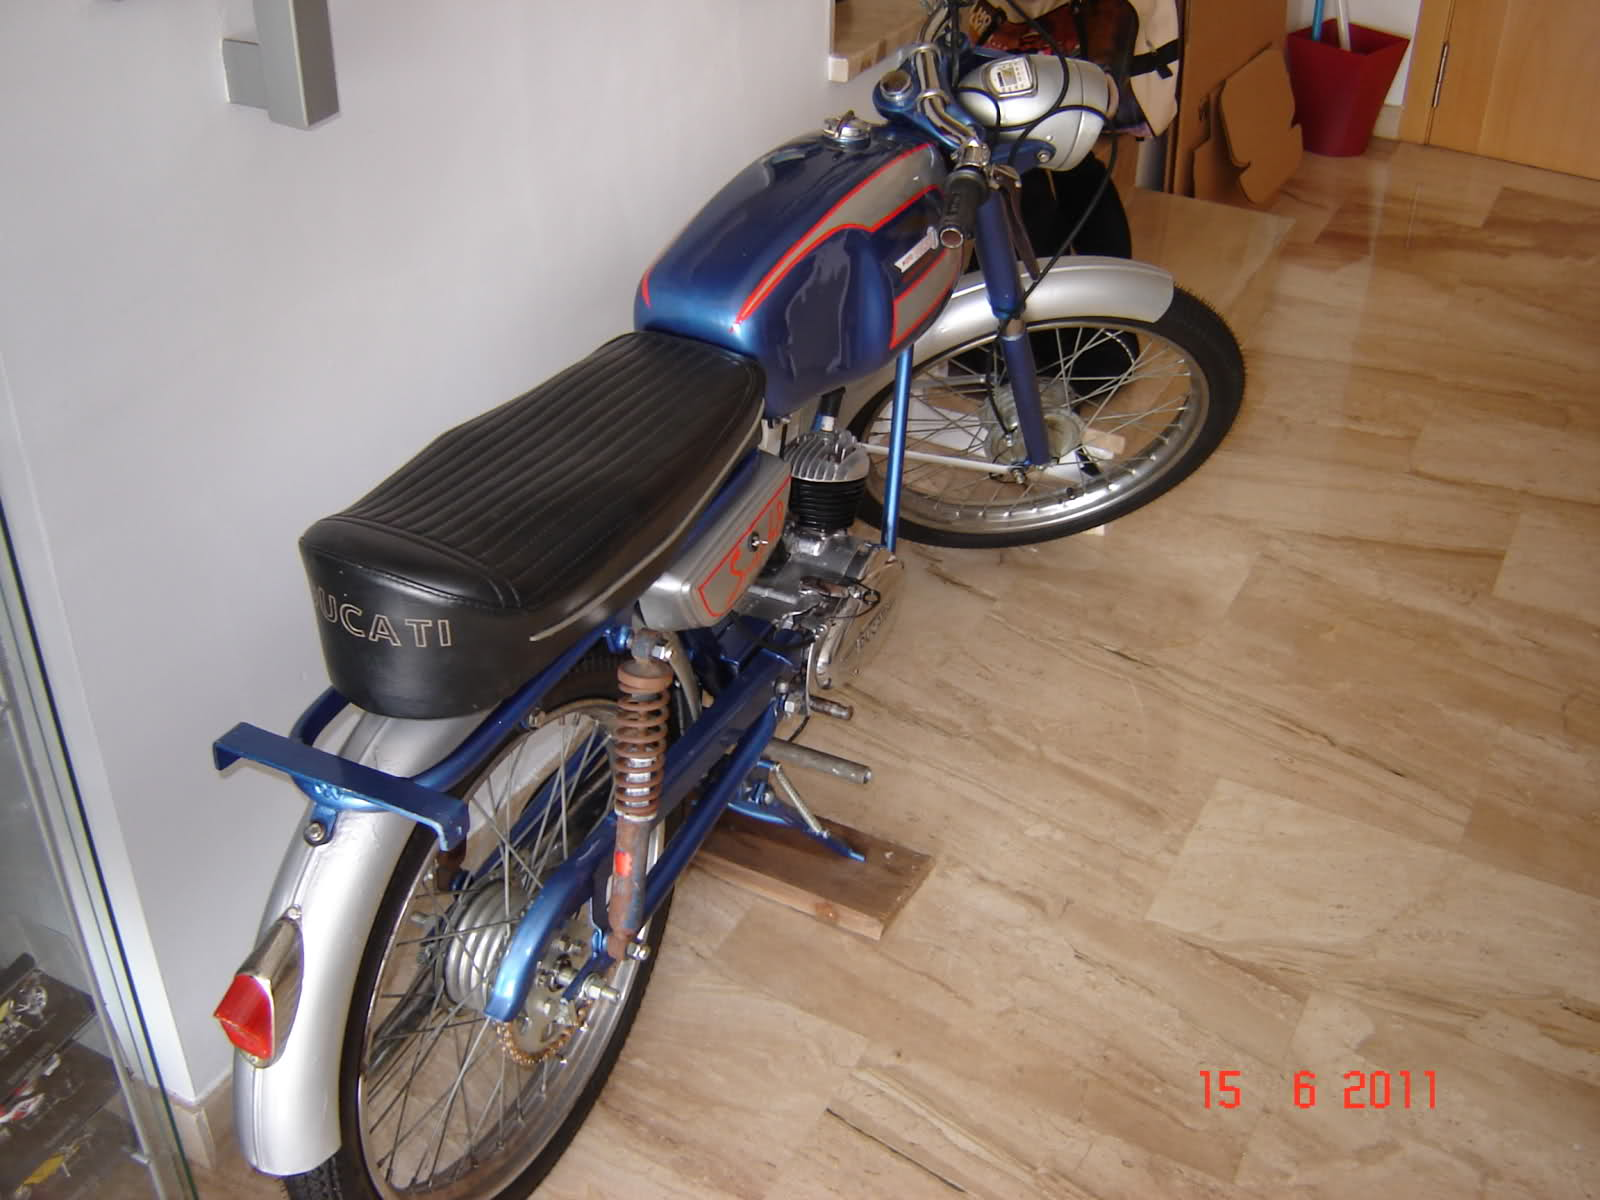 Mi Ducati 48 Sport Mn16v9